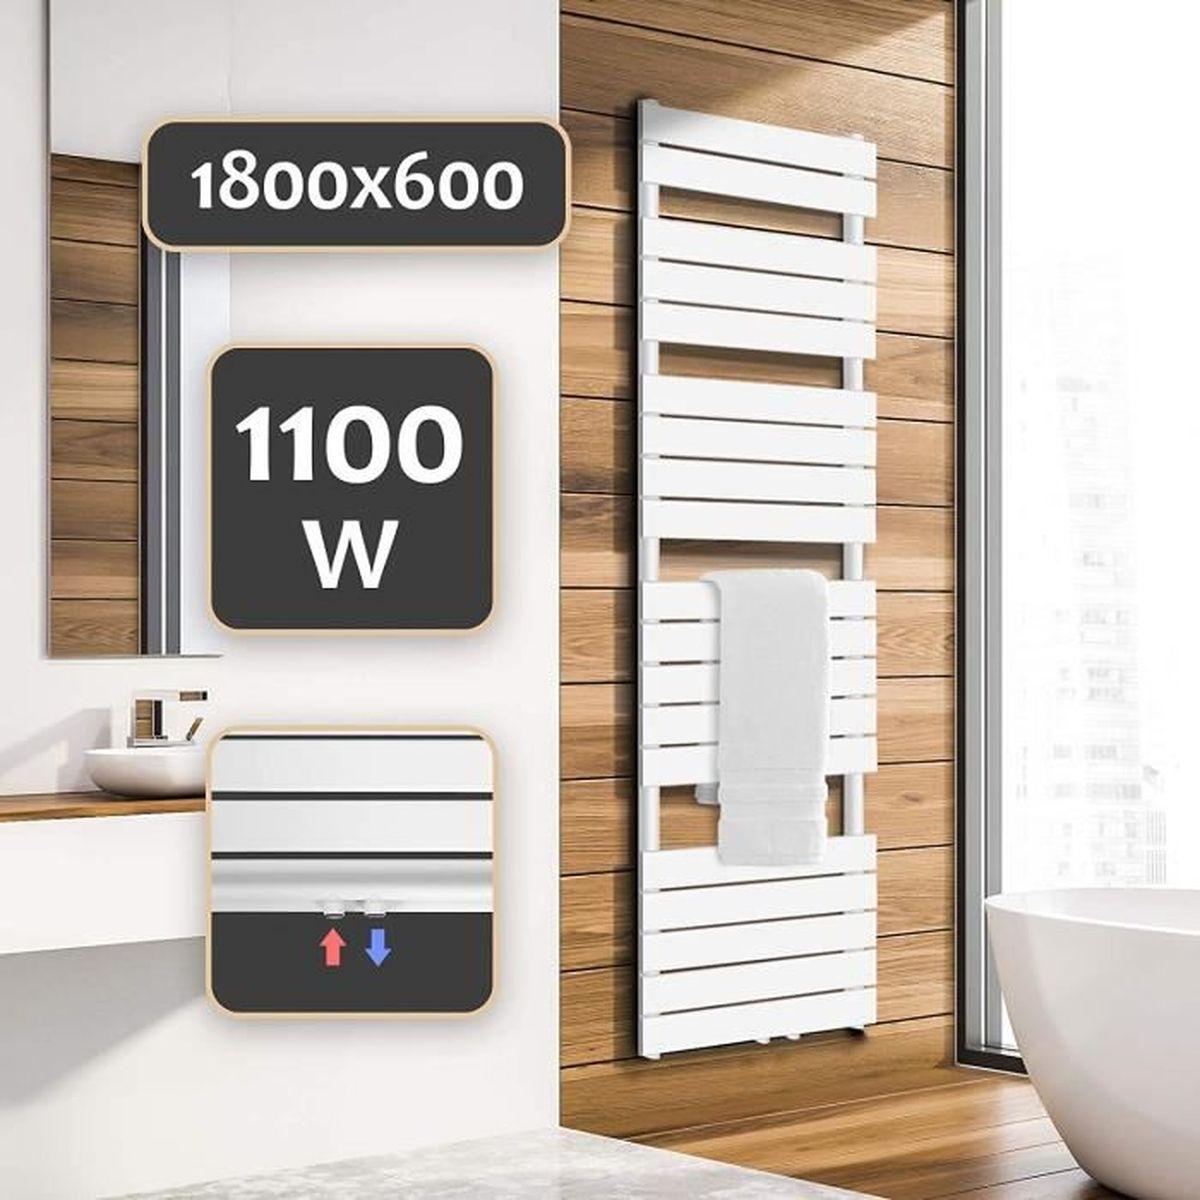 Sèche-Serviette pour Salle de Bain - Blanc, 20x20 mm, Montage au Mur, en  Acier Inoxydable, Format Vertical - Radiateur